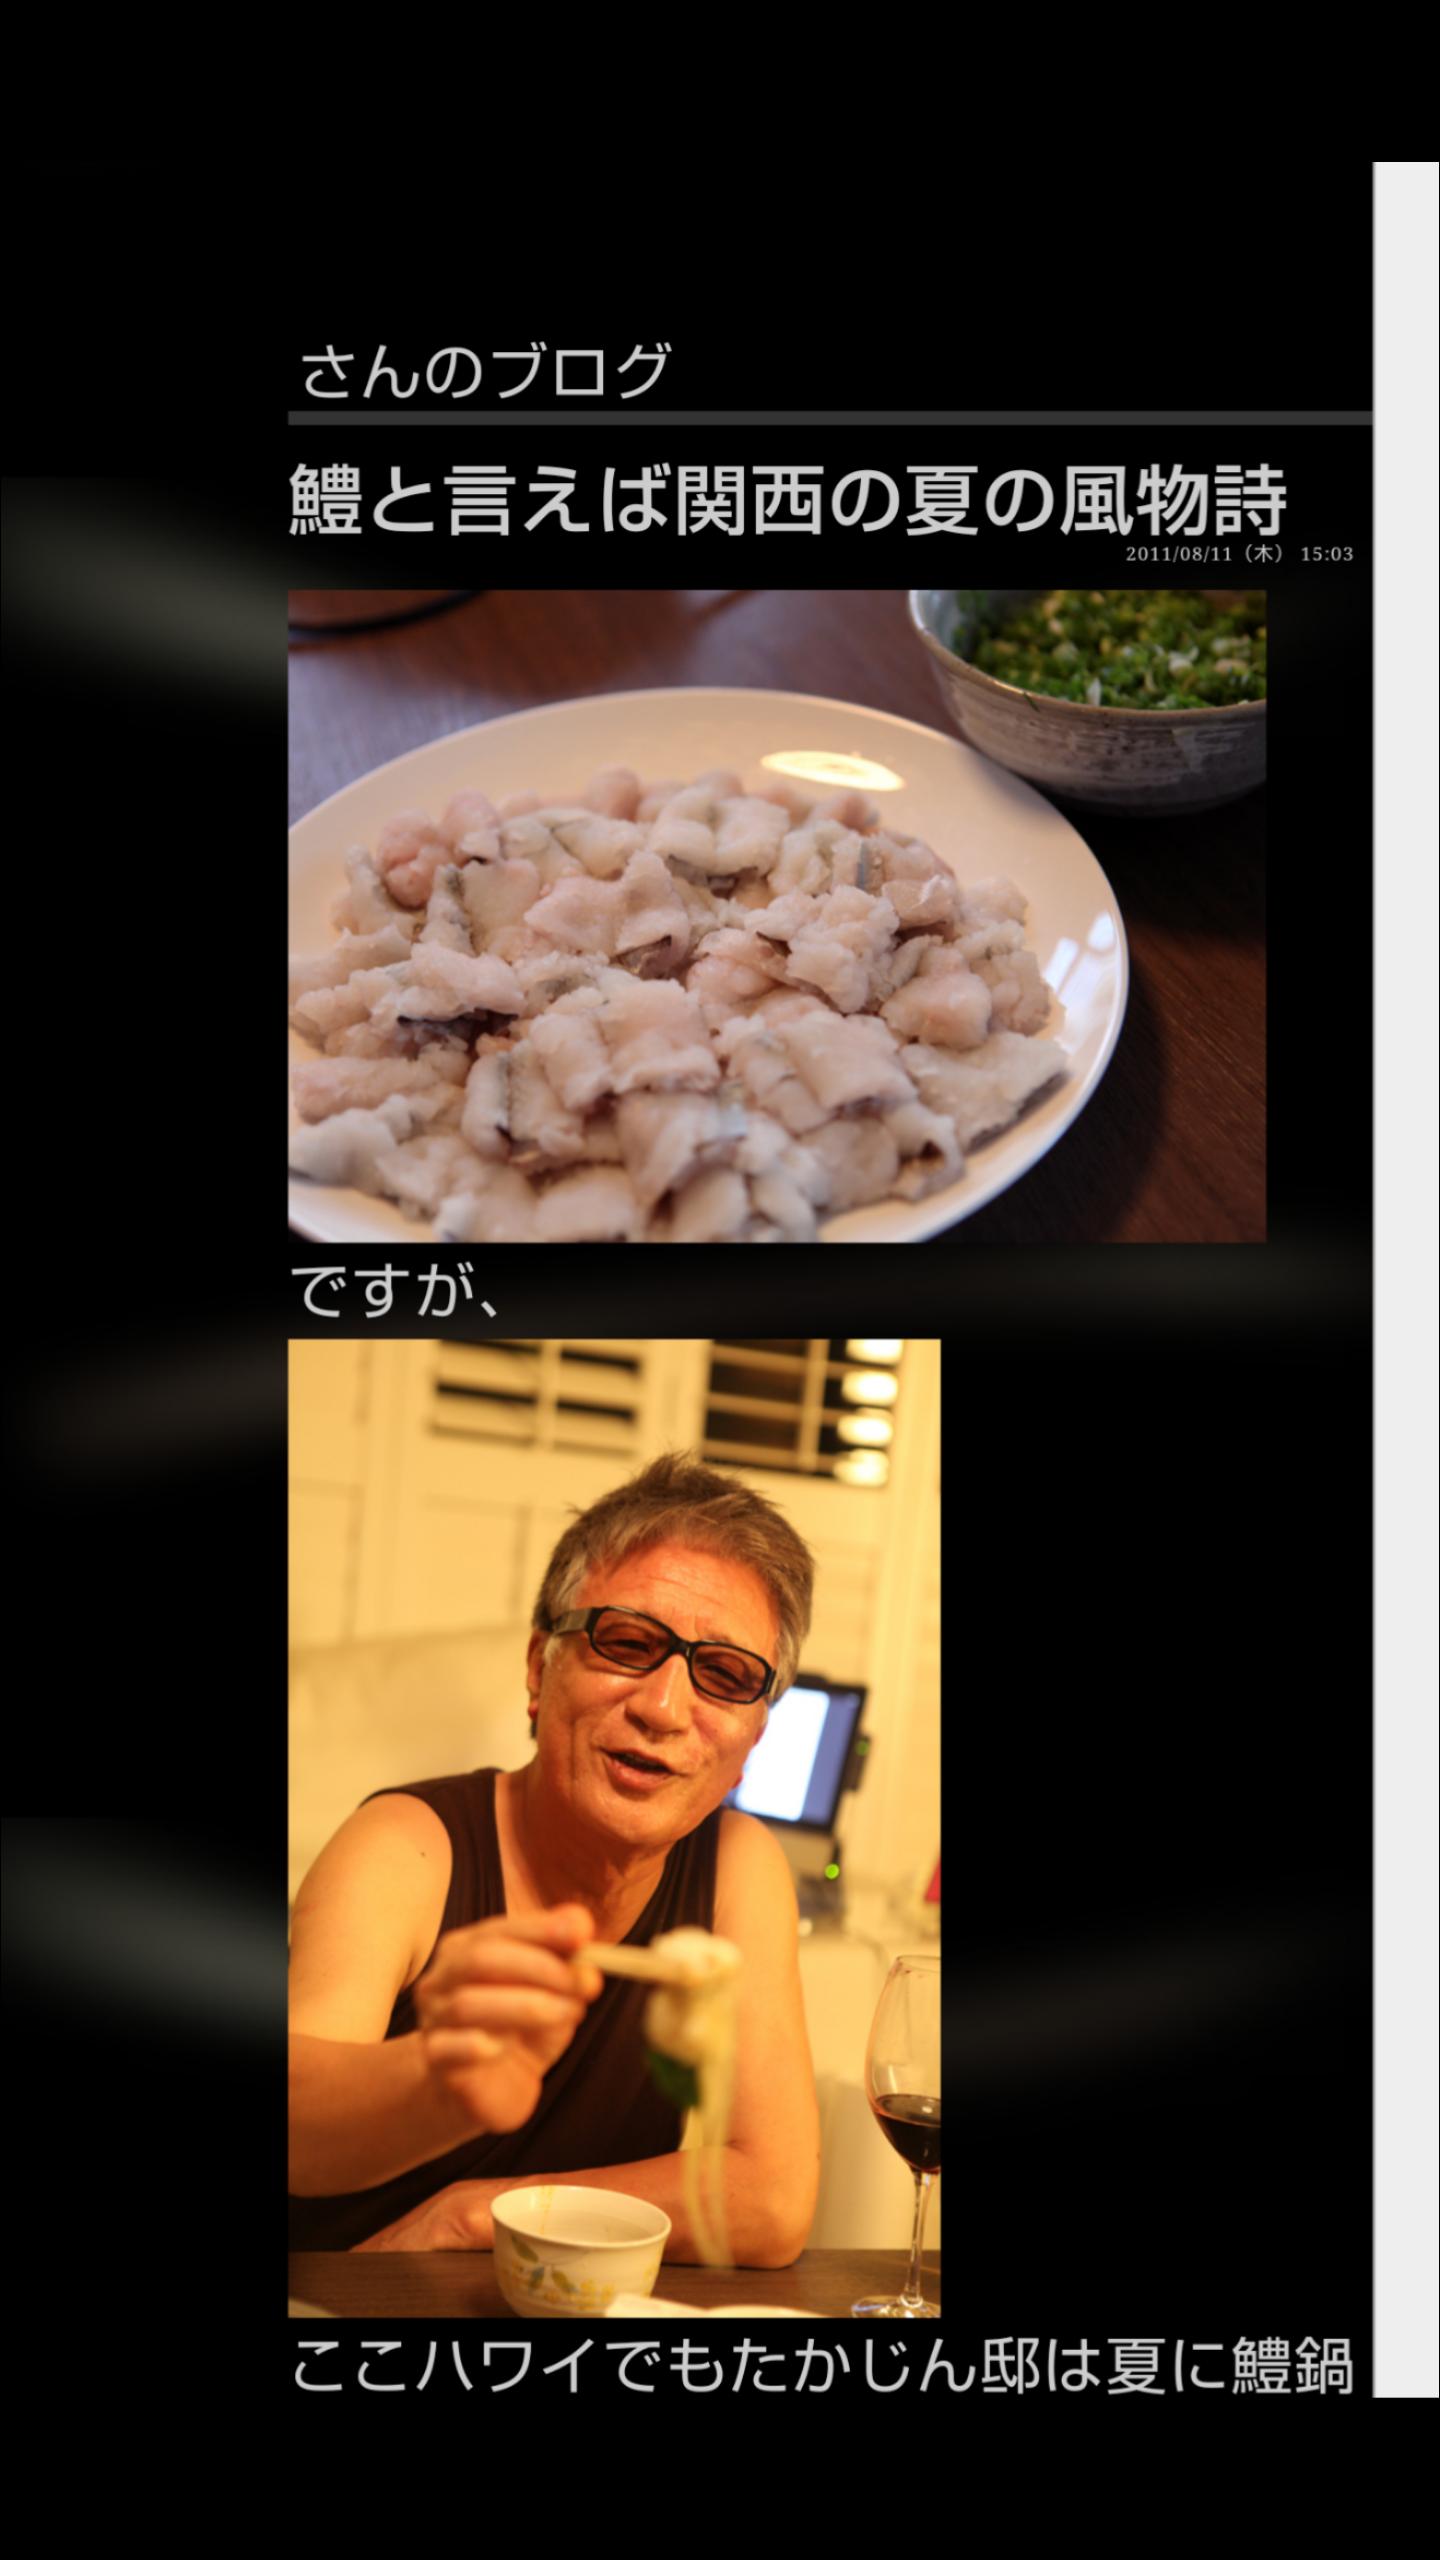 夏のお勧めの鍋料理